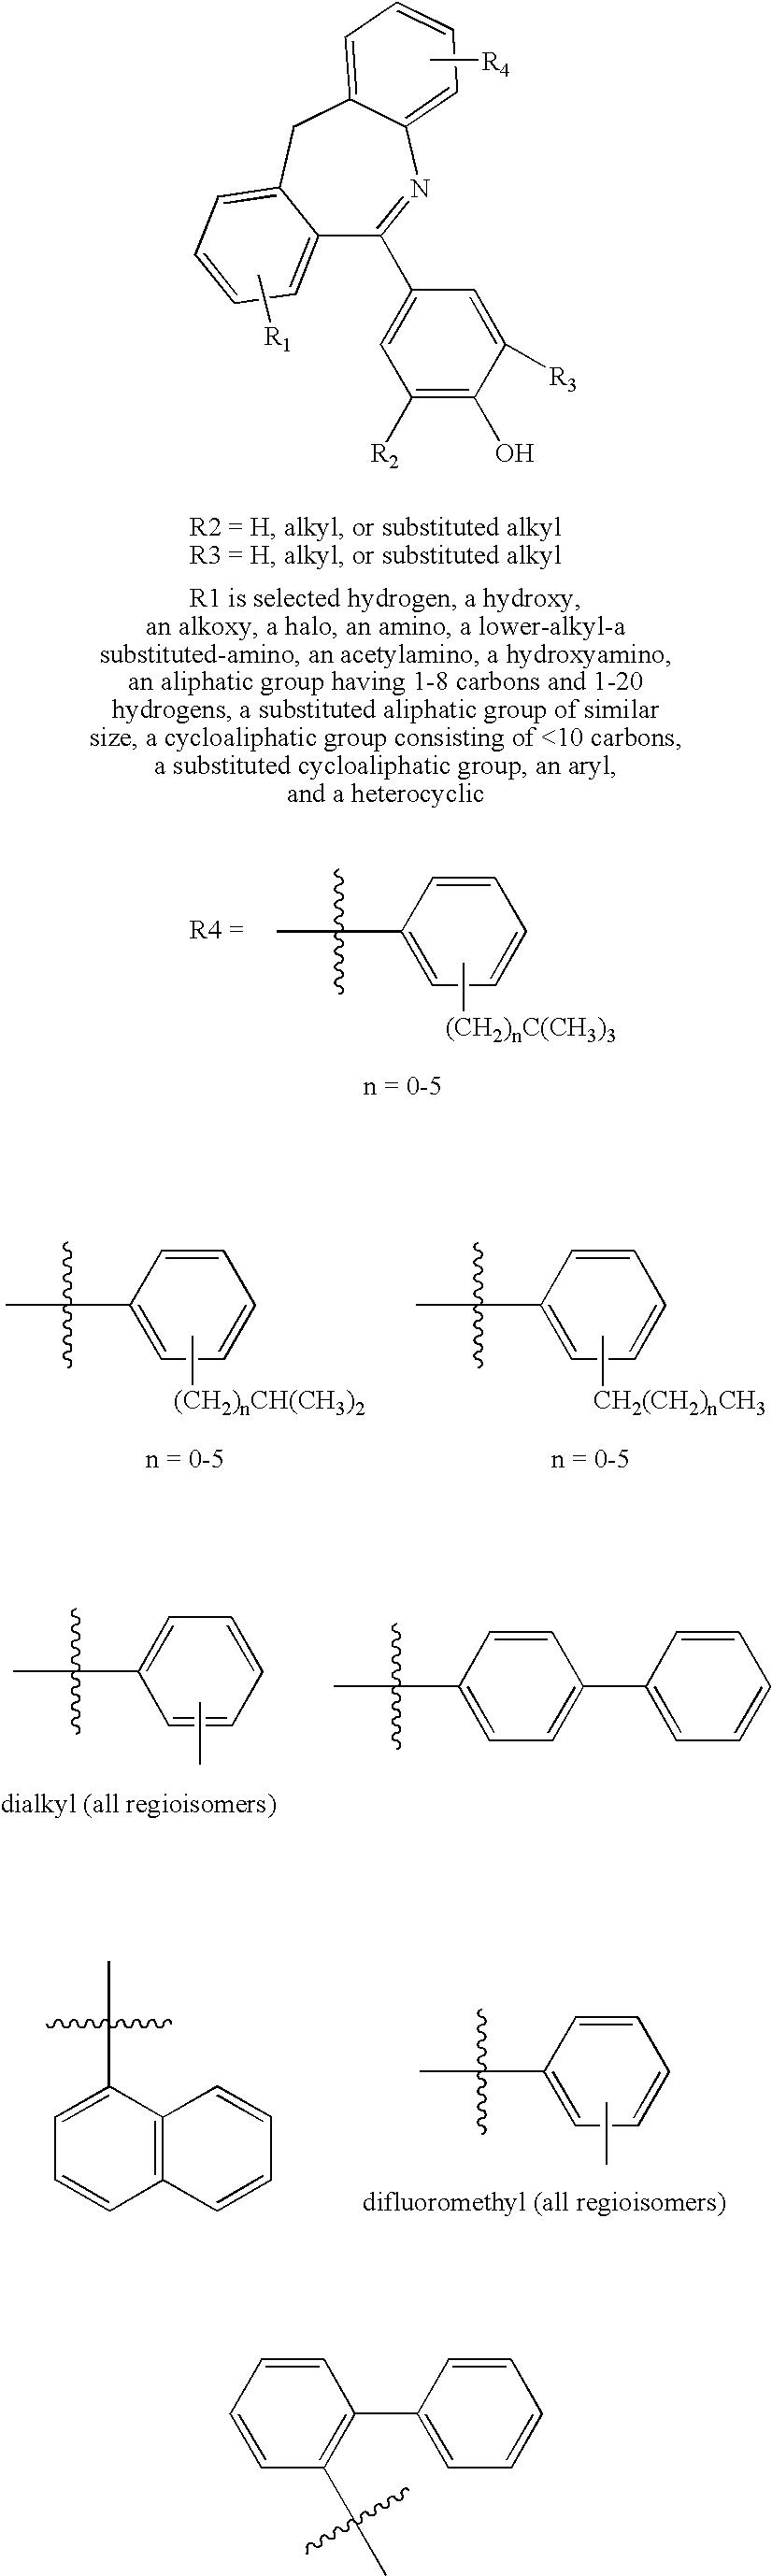 Figure US07683046-20100323-C00032